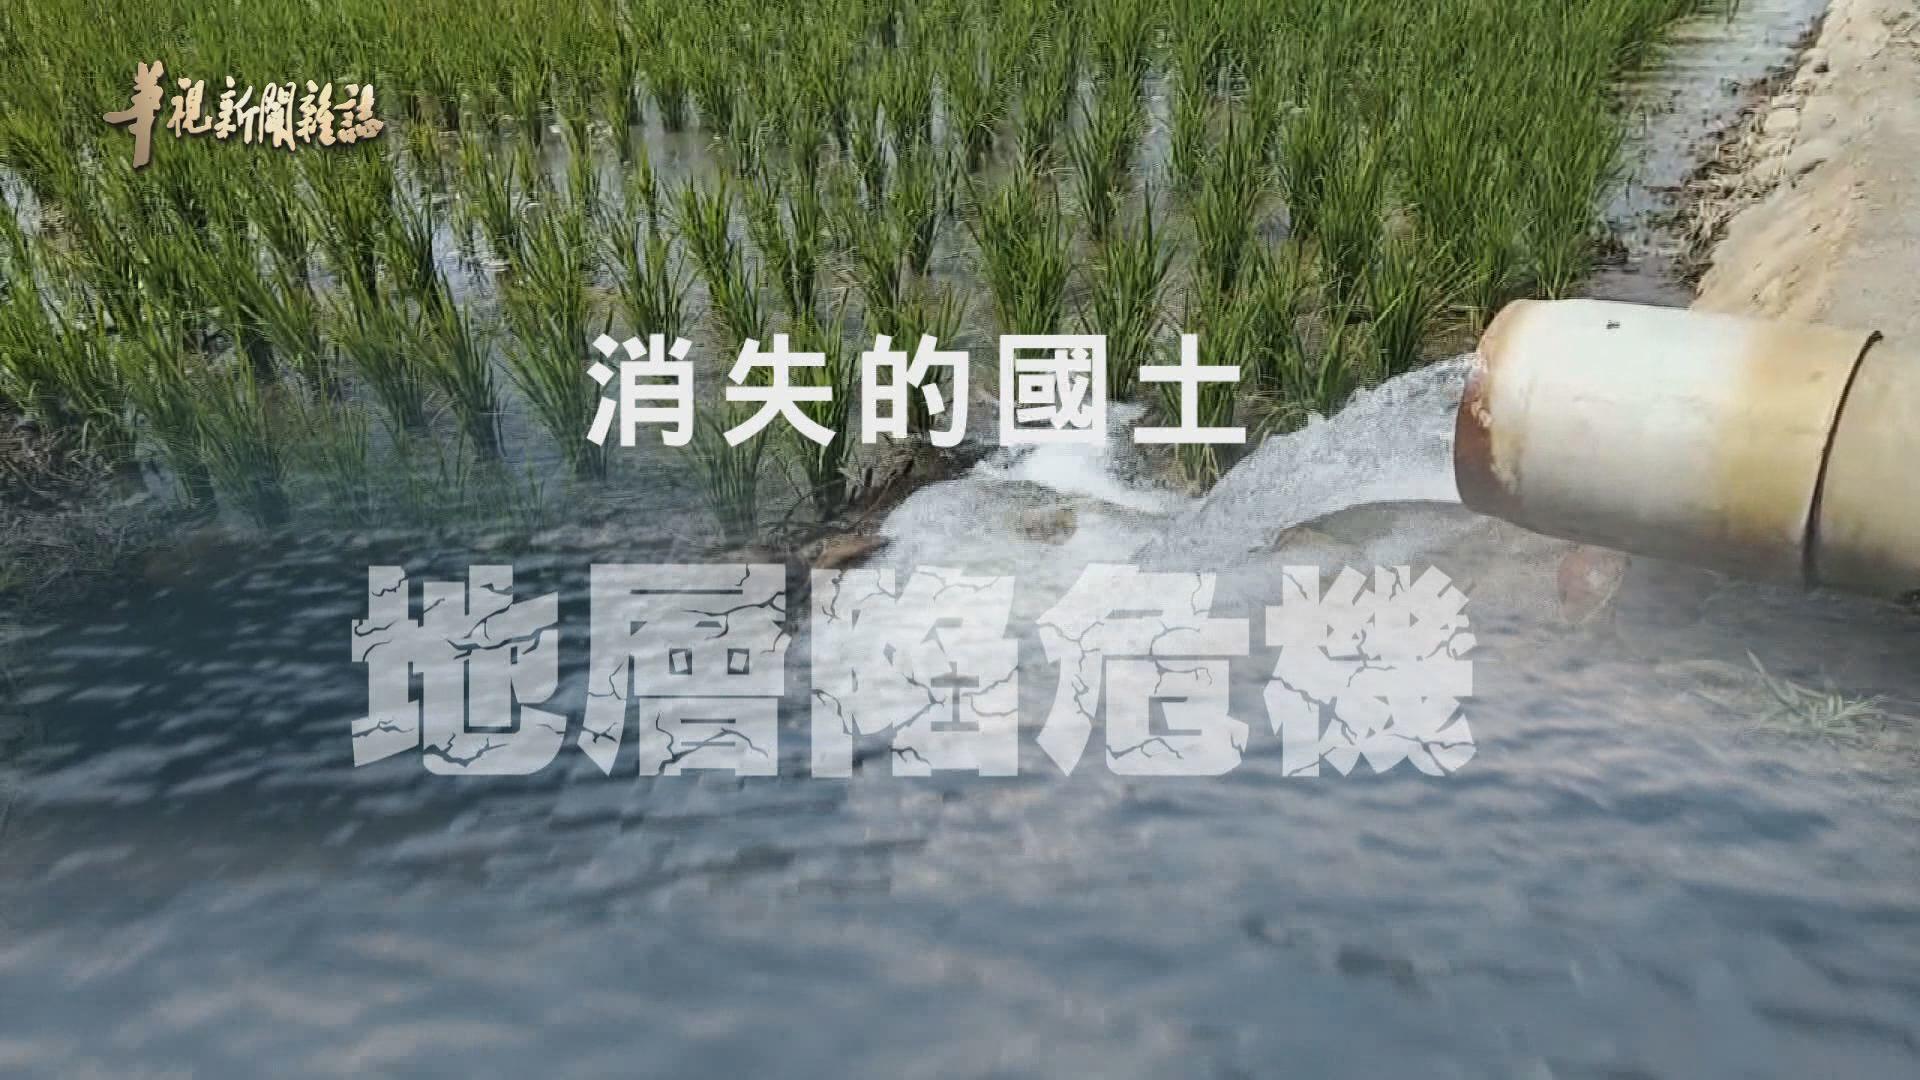 無聲沉淪 地層陷危機  搶救消失的國土 華視新聞雜誌